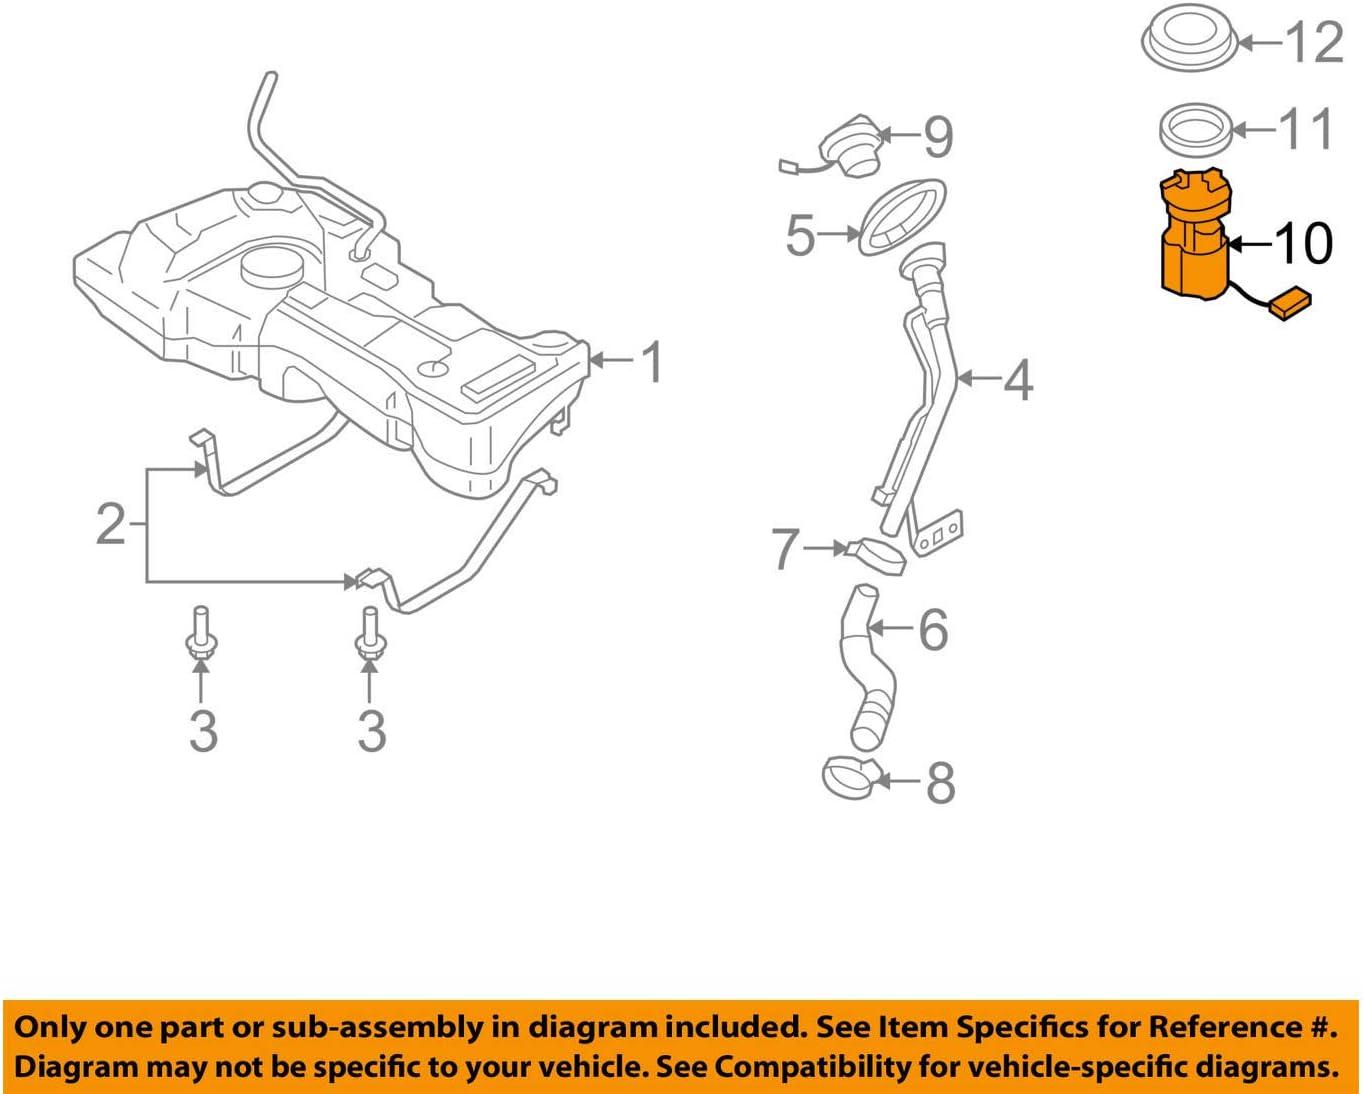 Amazon.com: Genuine Nissan Parts - Pump Compl-Fuel (170409EG0C): Automotive [ 1095 x 1374 Pixel ]